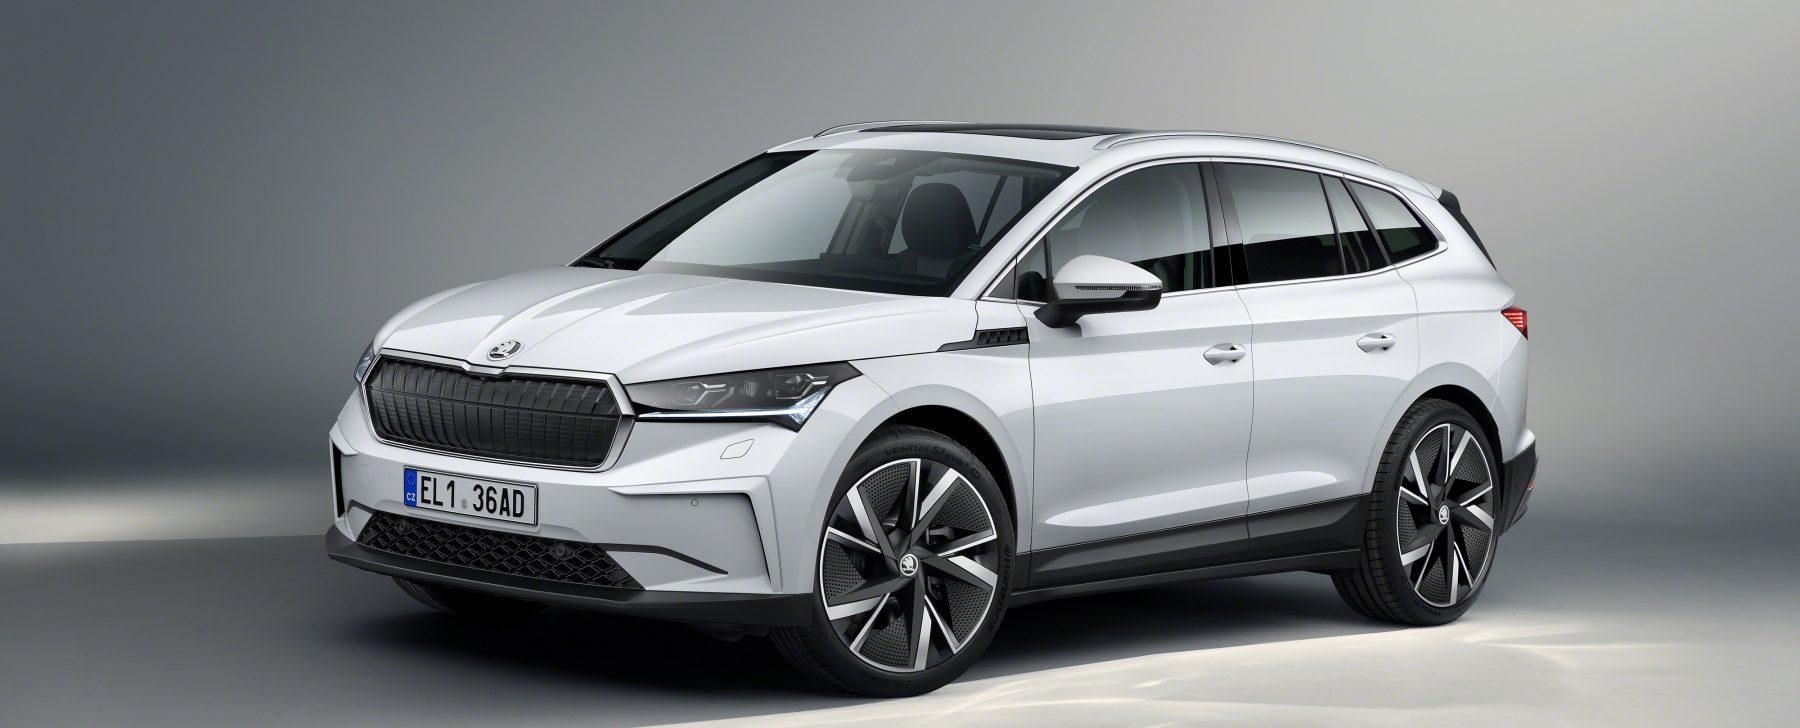 El Enyaq, primer SUV eléctrico de Skoda, llegará en primavera